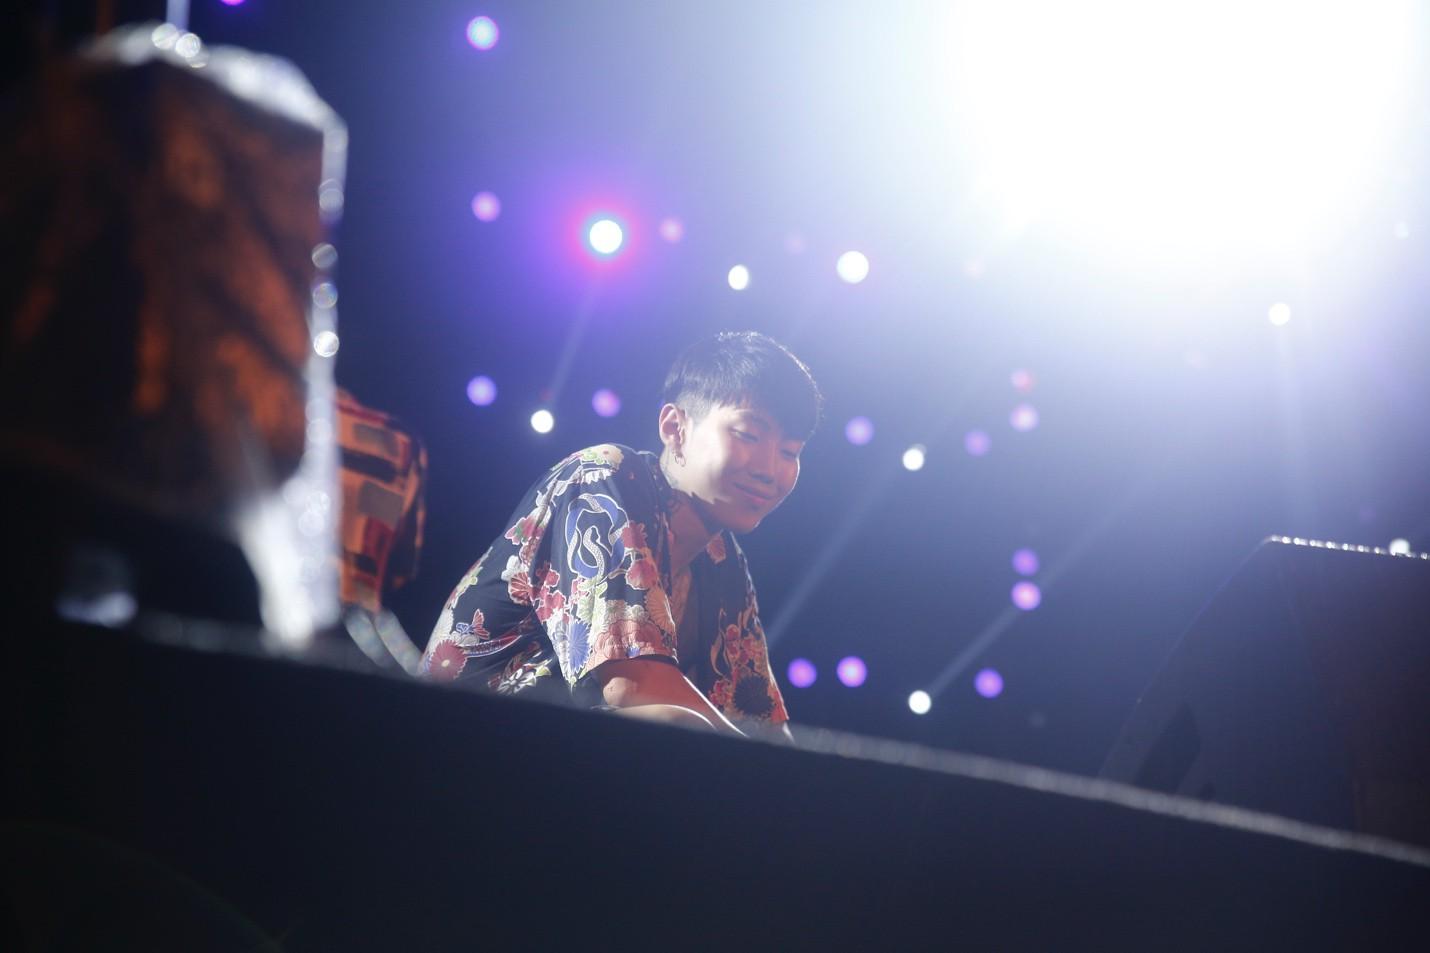 Jay Park phanh áo quyến rũ, liên tục nói tiếng Việt trong buổi rehearsal - Ảnh 5.